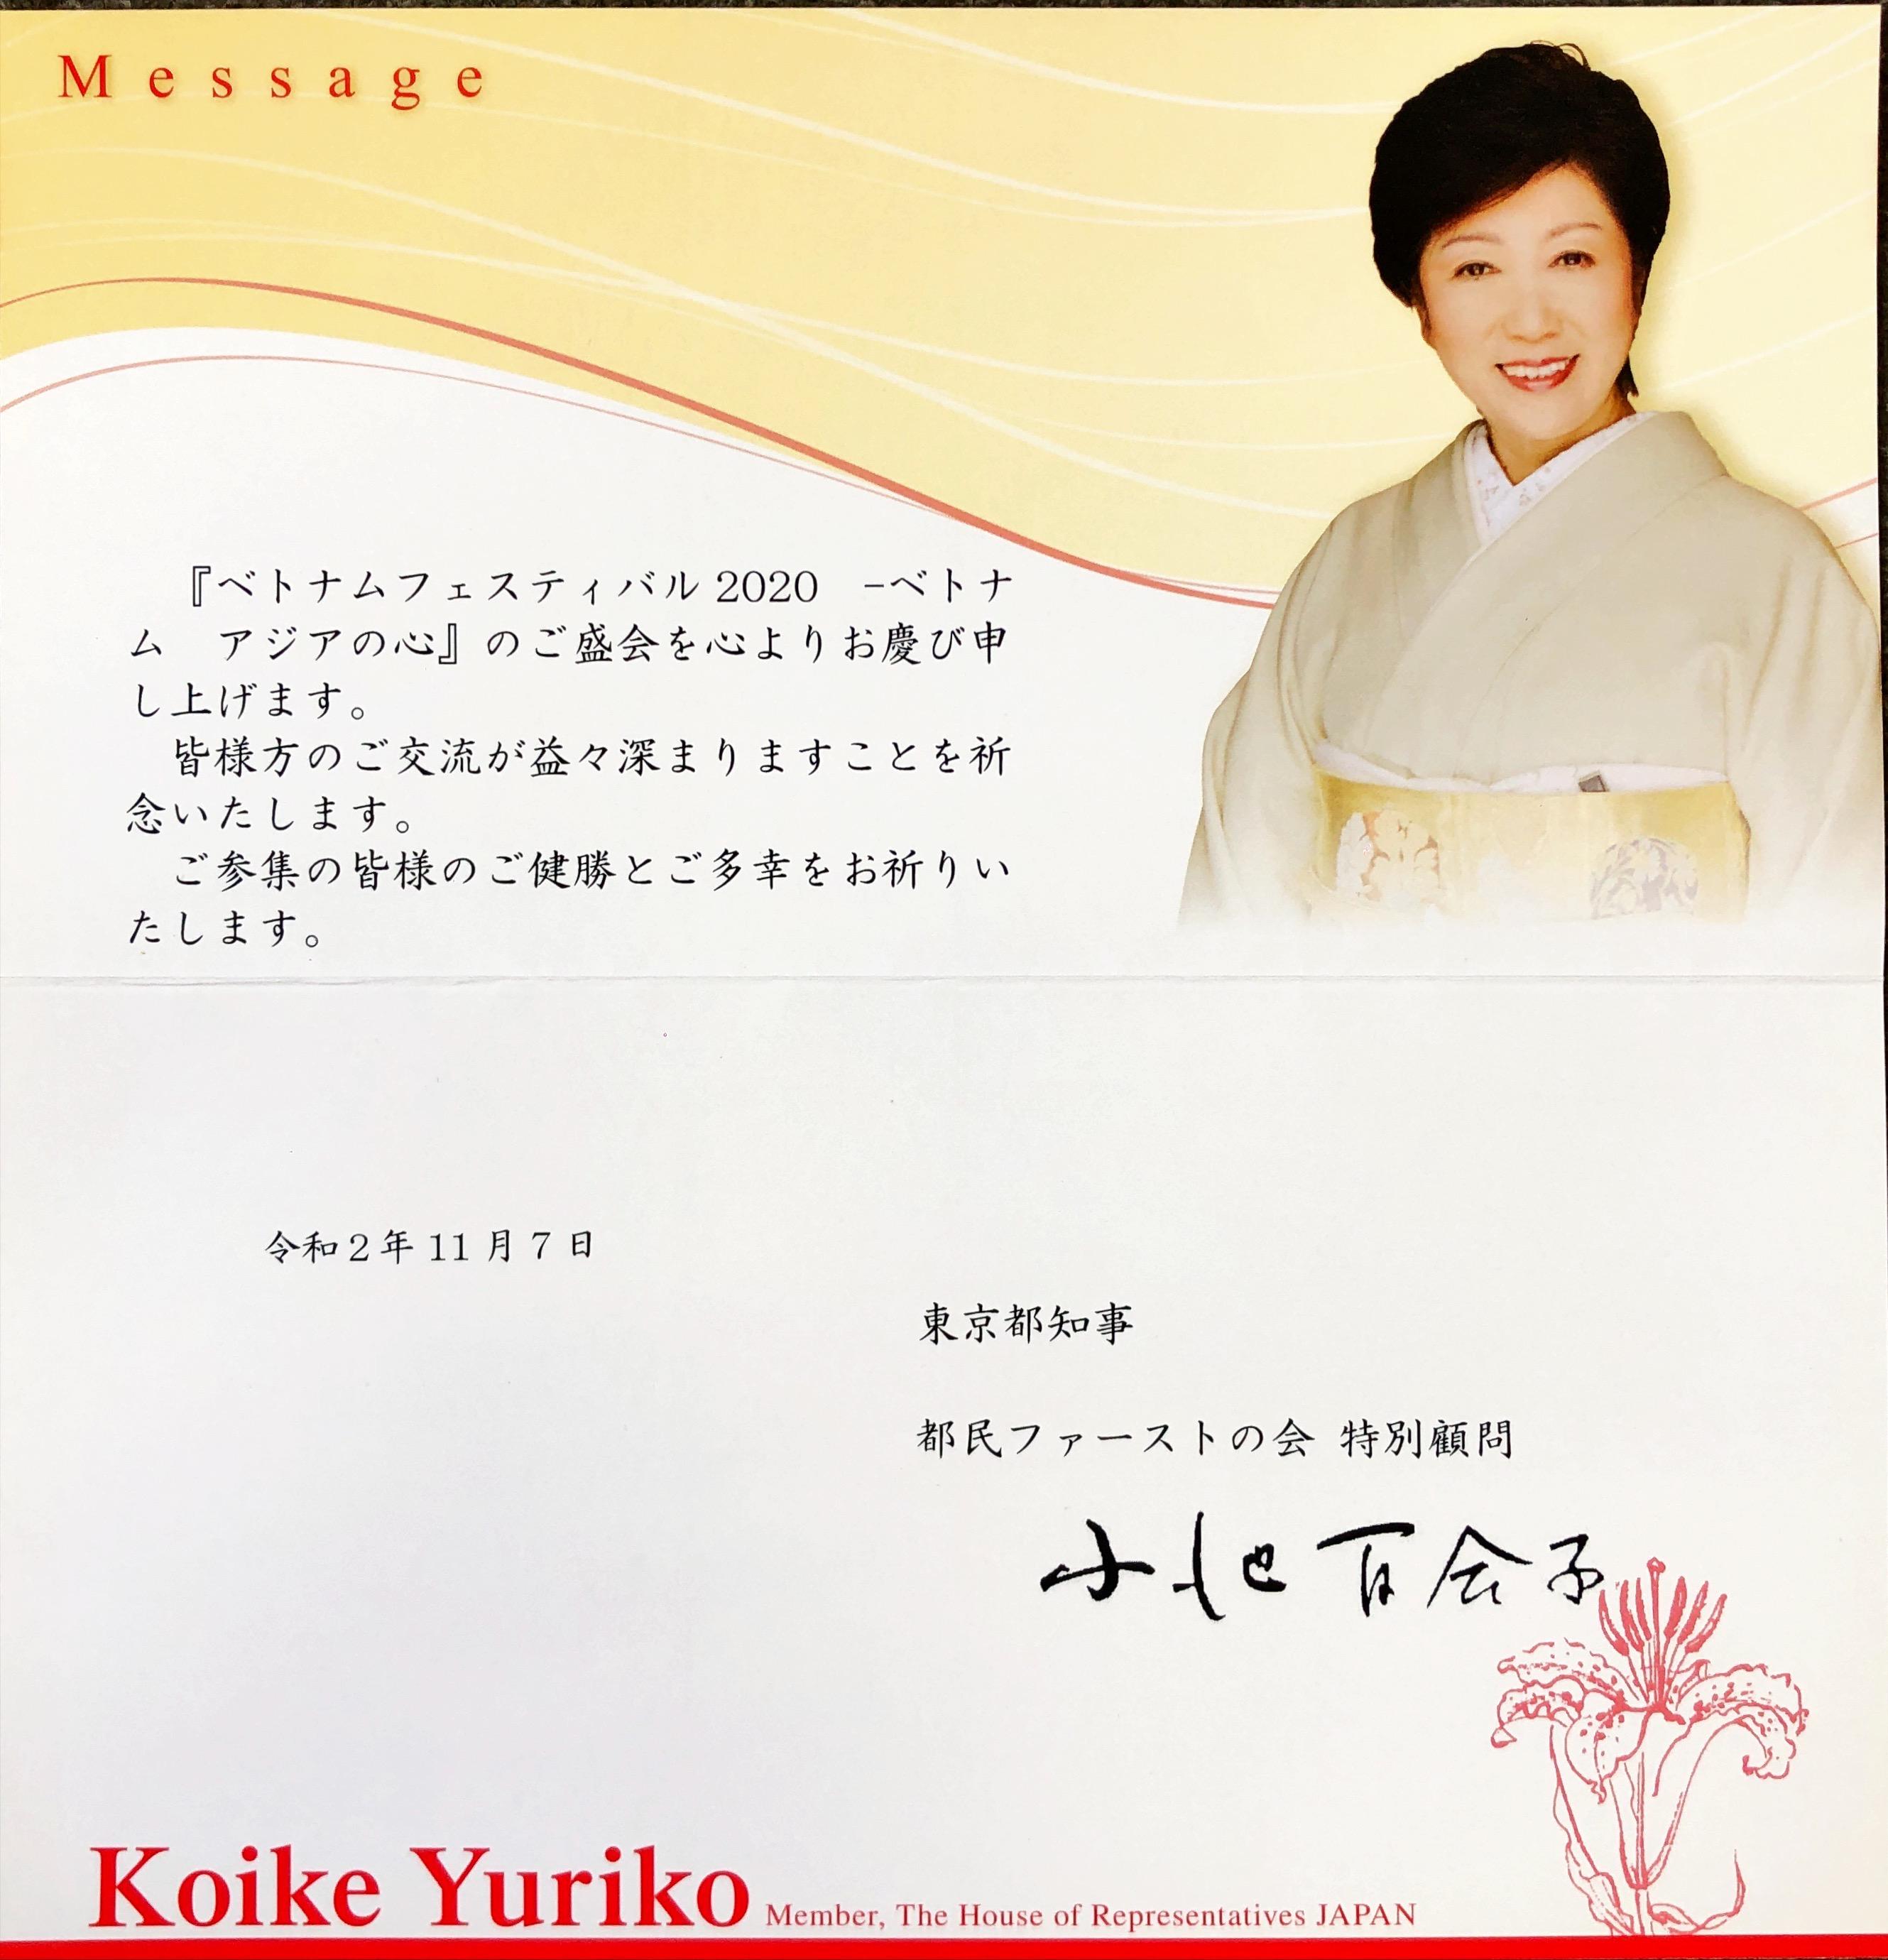 Thống đốc Tokyo Koike Yuriko chúc mừng thành công Lễ hội Việt Nam 2020